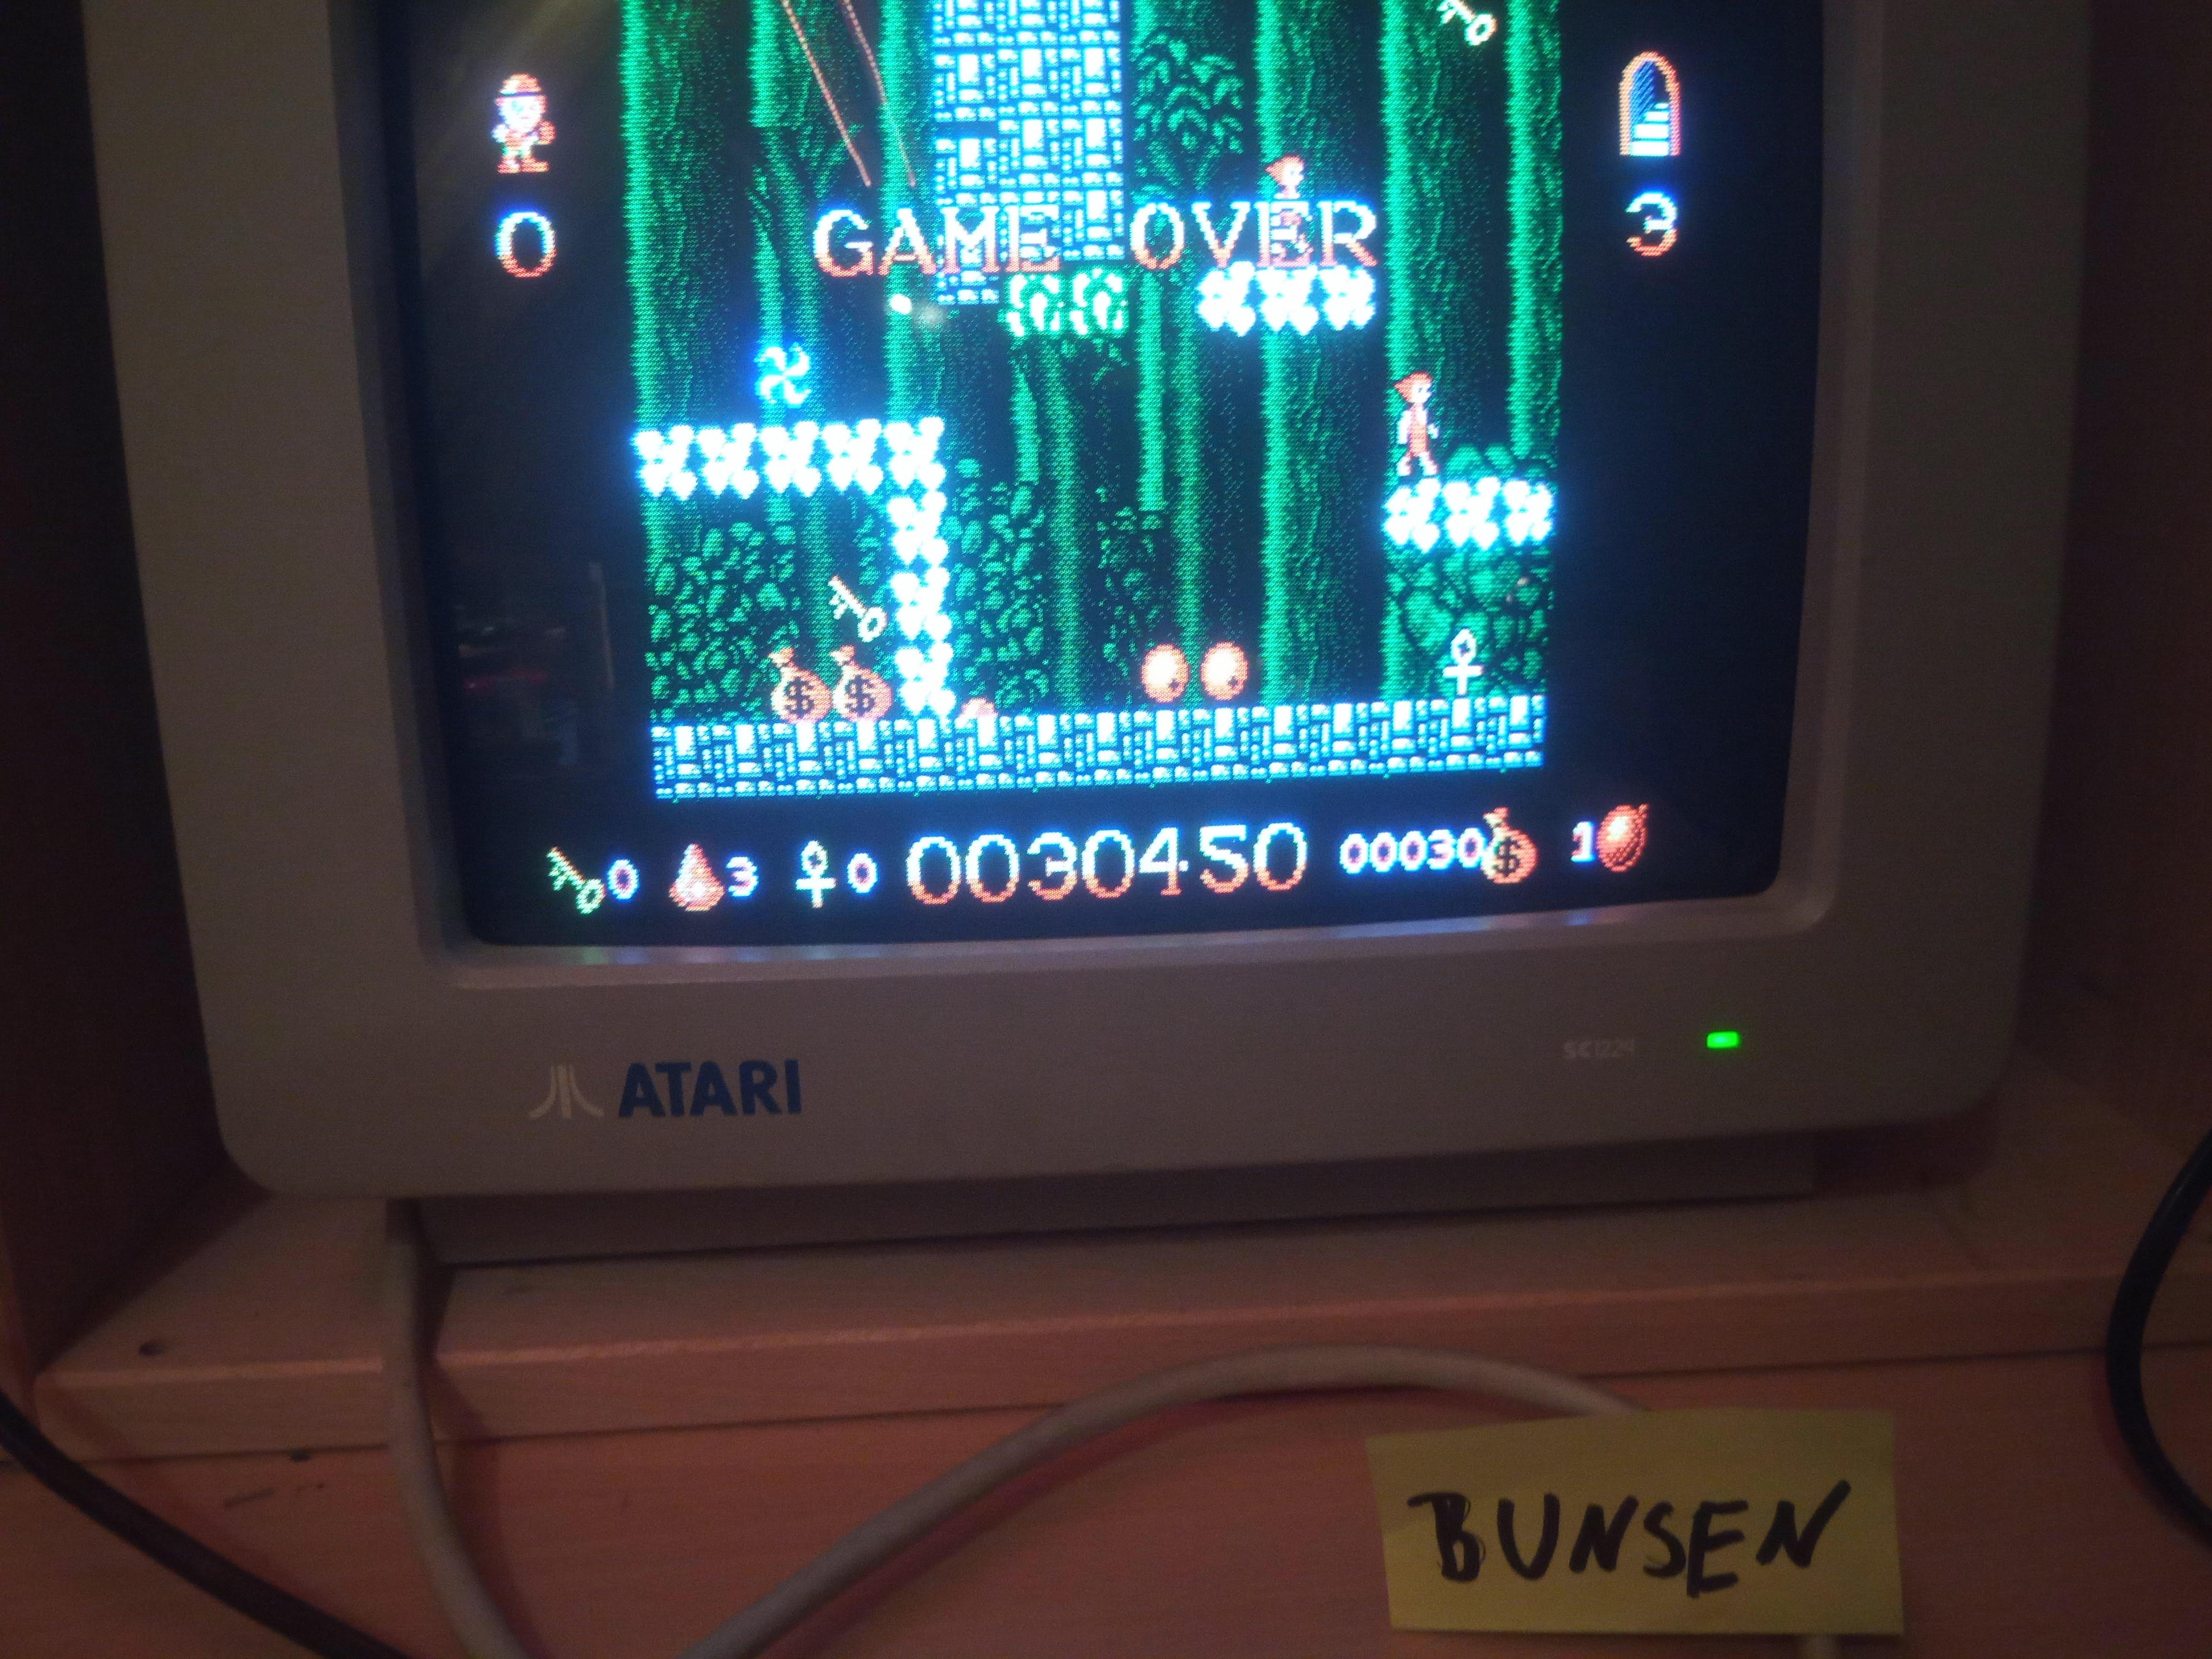 Bunsen: Kid Gloves (Atari ST) 30,450 points on 2019-12-27 15:59:25